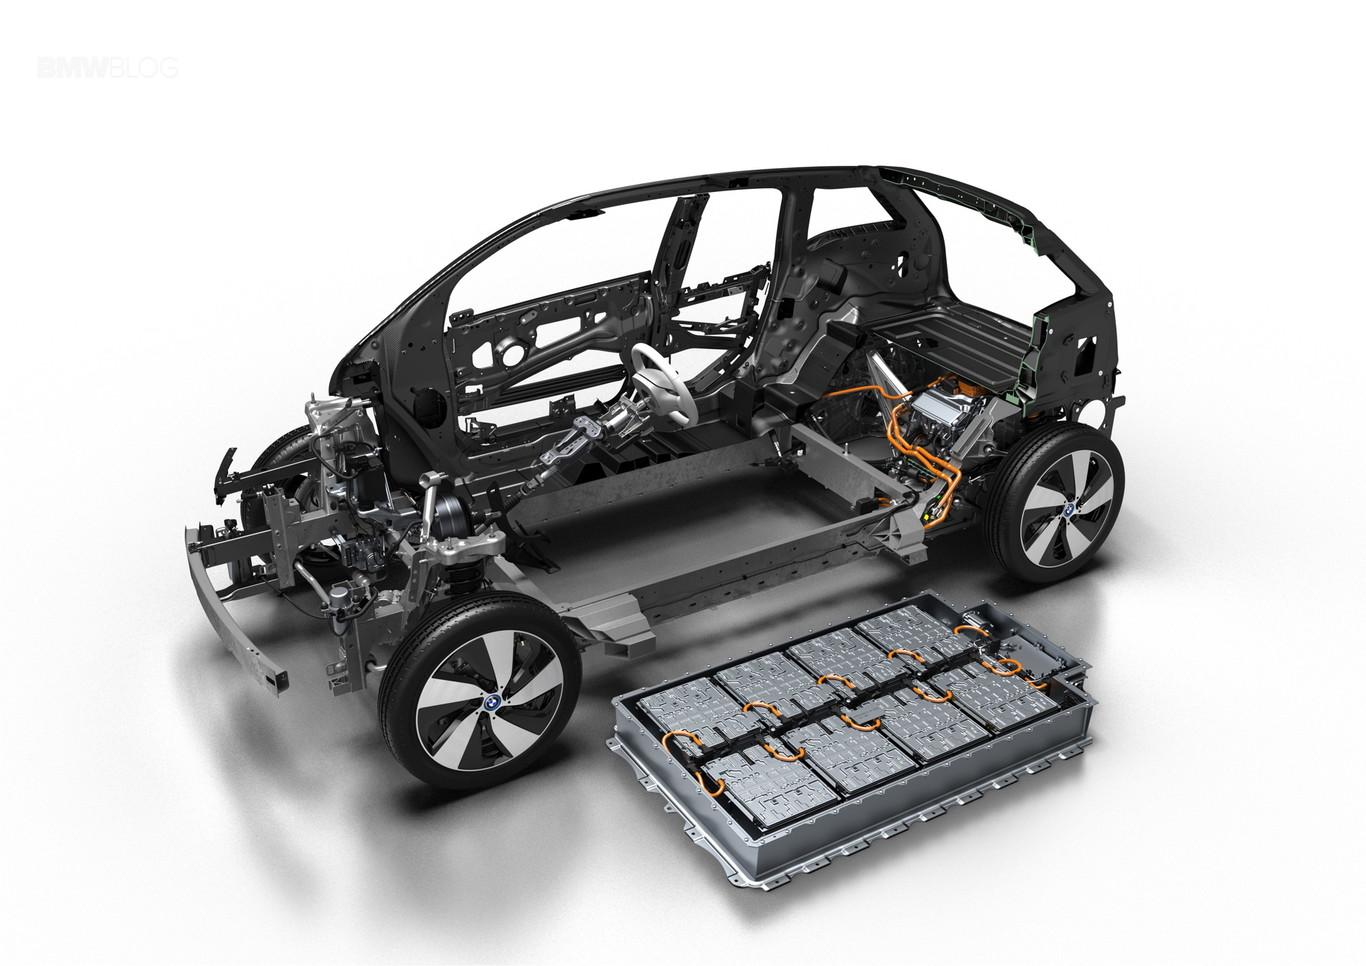 Batería en un coche eléctrico